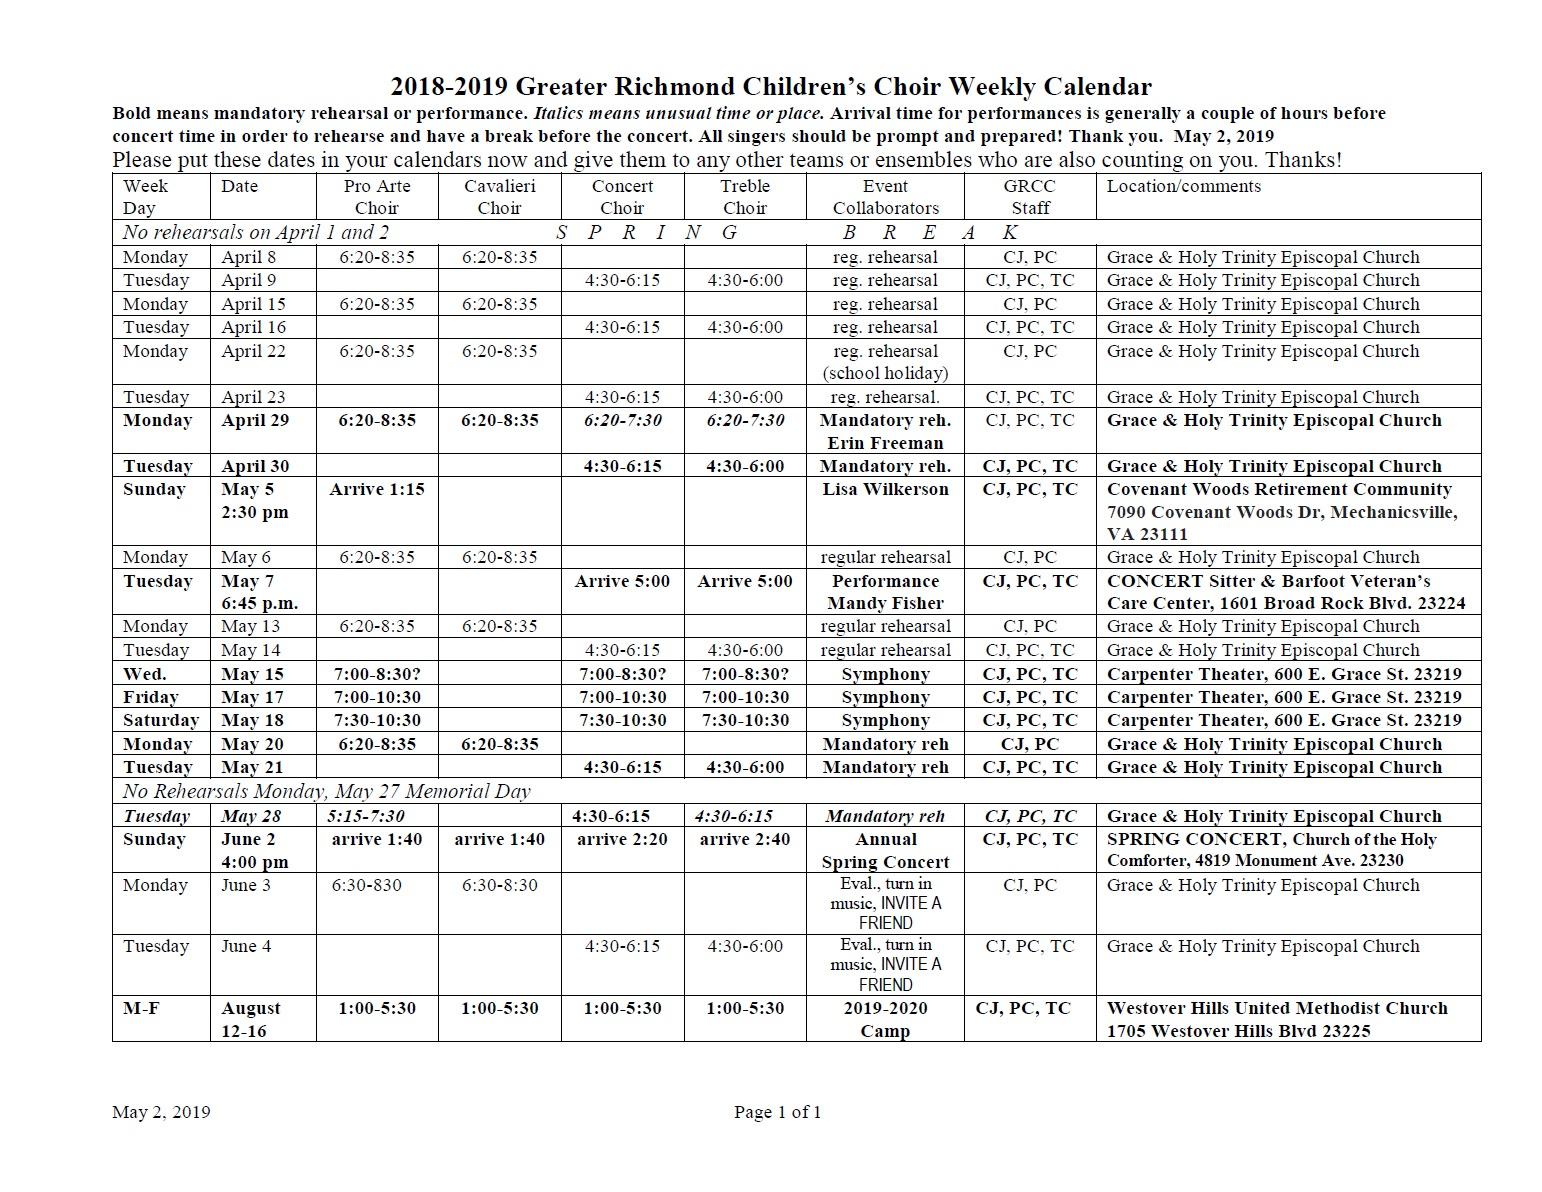 2018-2019 Weekly Calendar (7).jpg